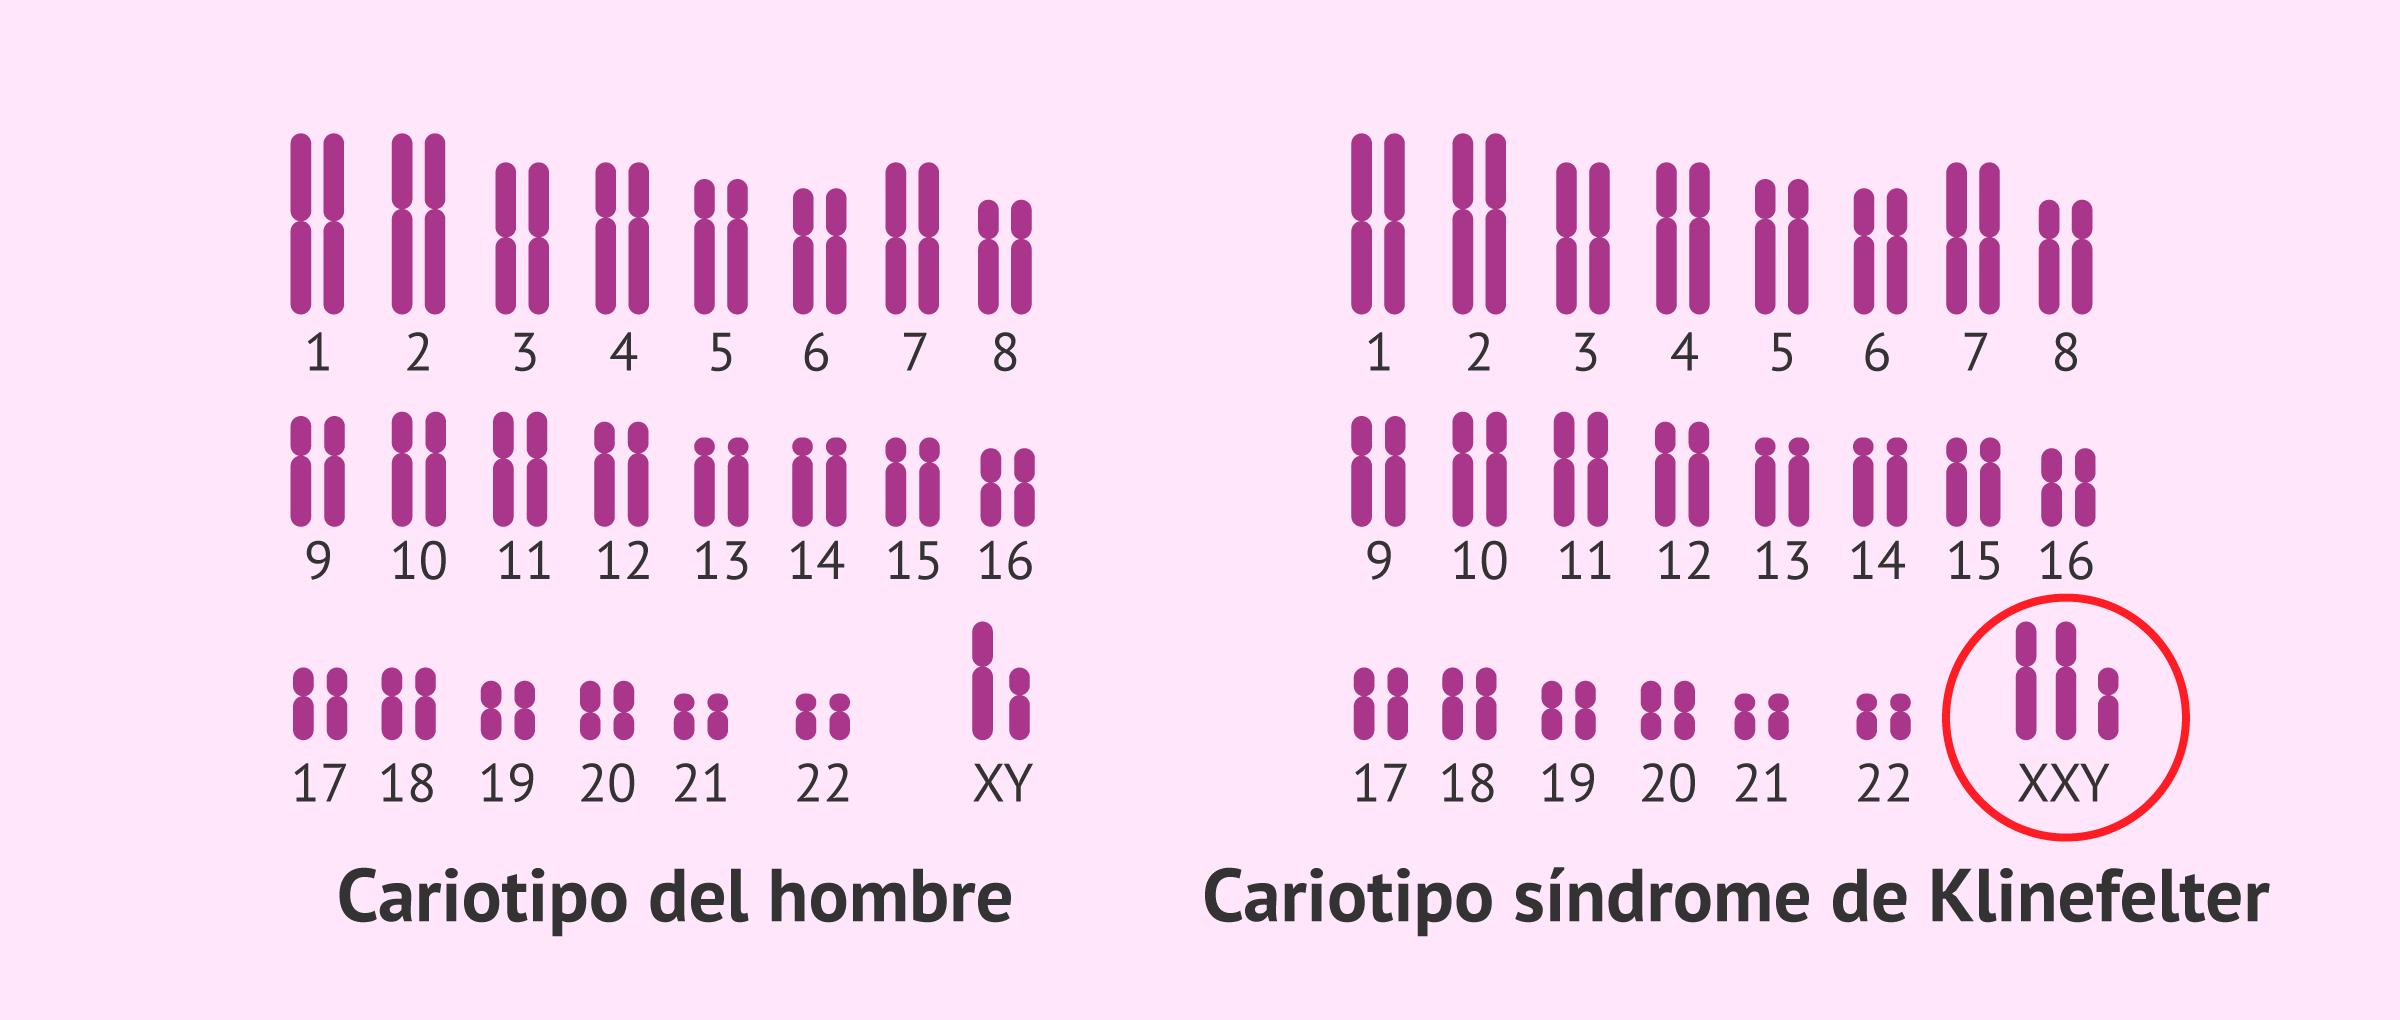 Cariotipo normal y cariotipo con síndrome de Klinefelter